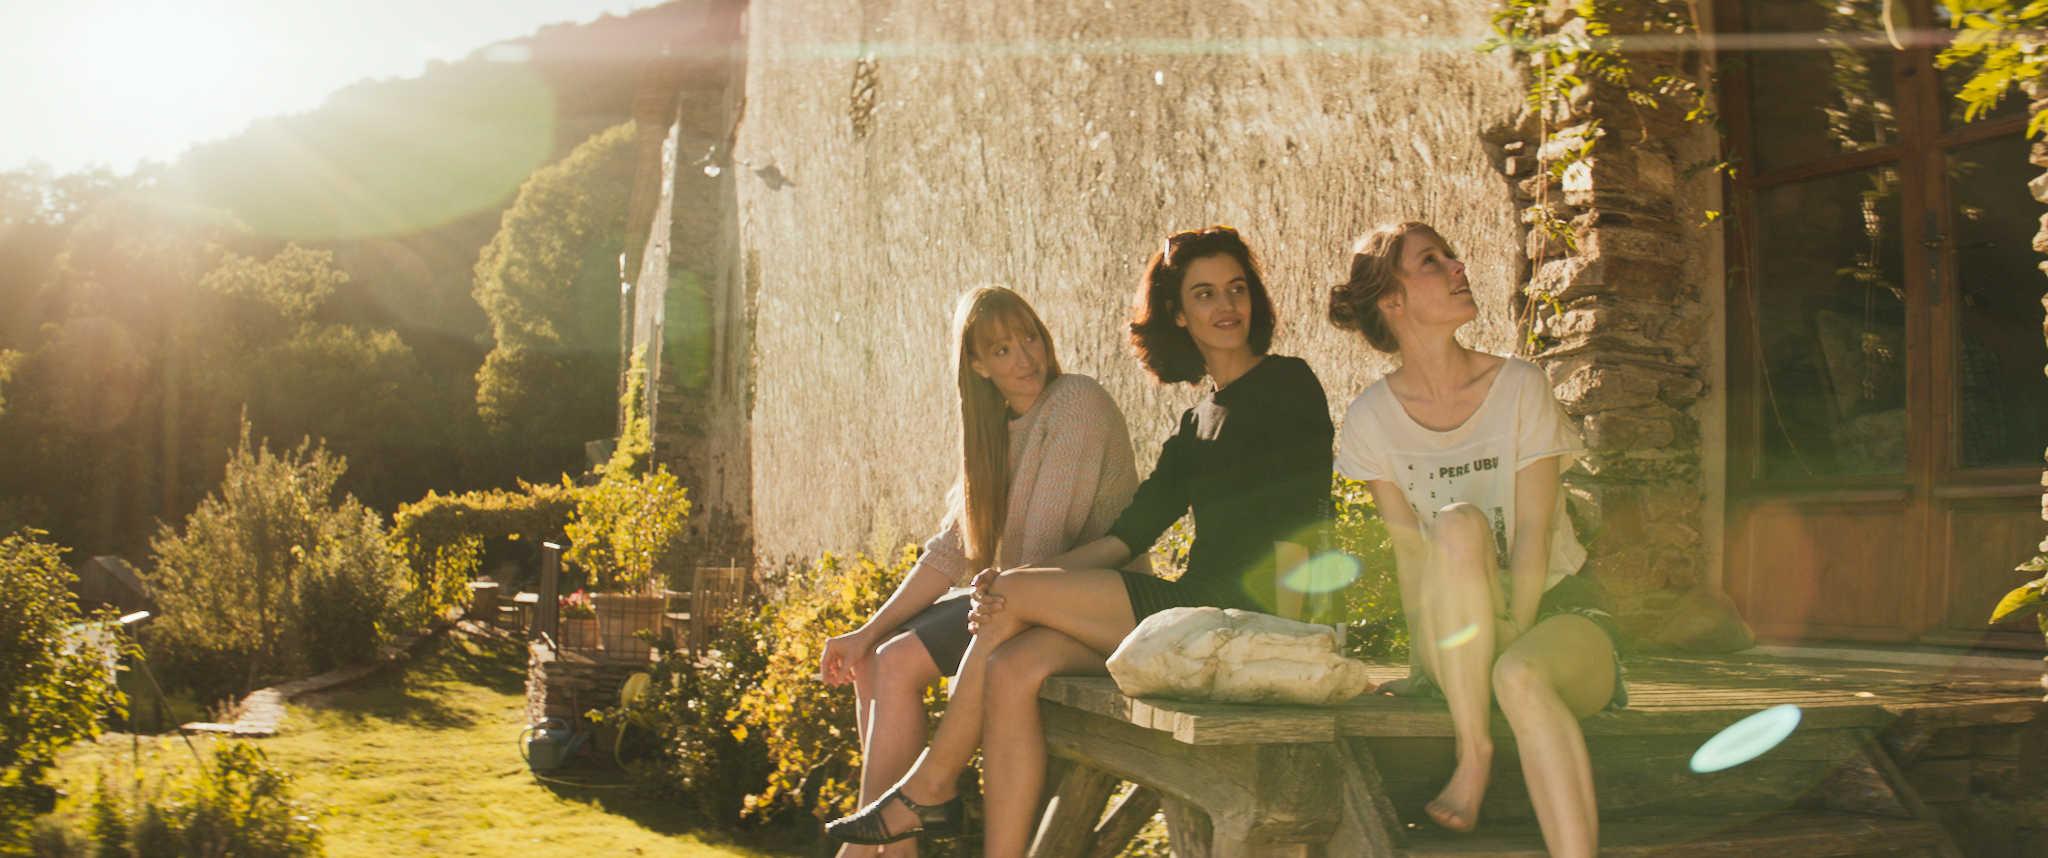 Fünf Frauen_Stills_Facebook_0018697.jpg